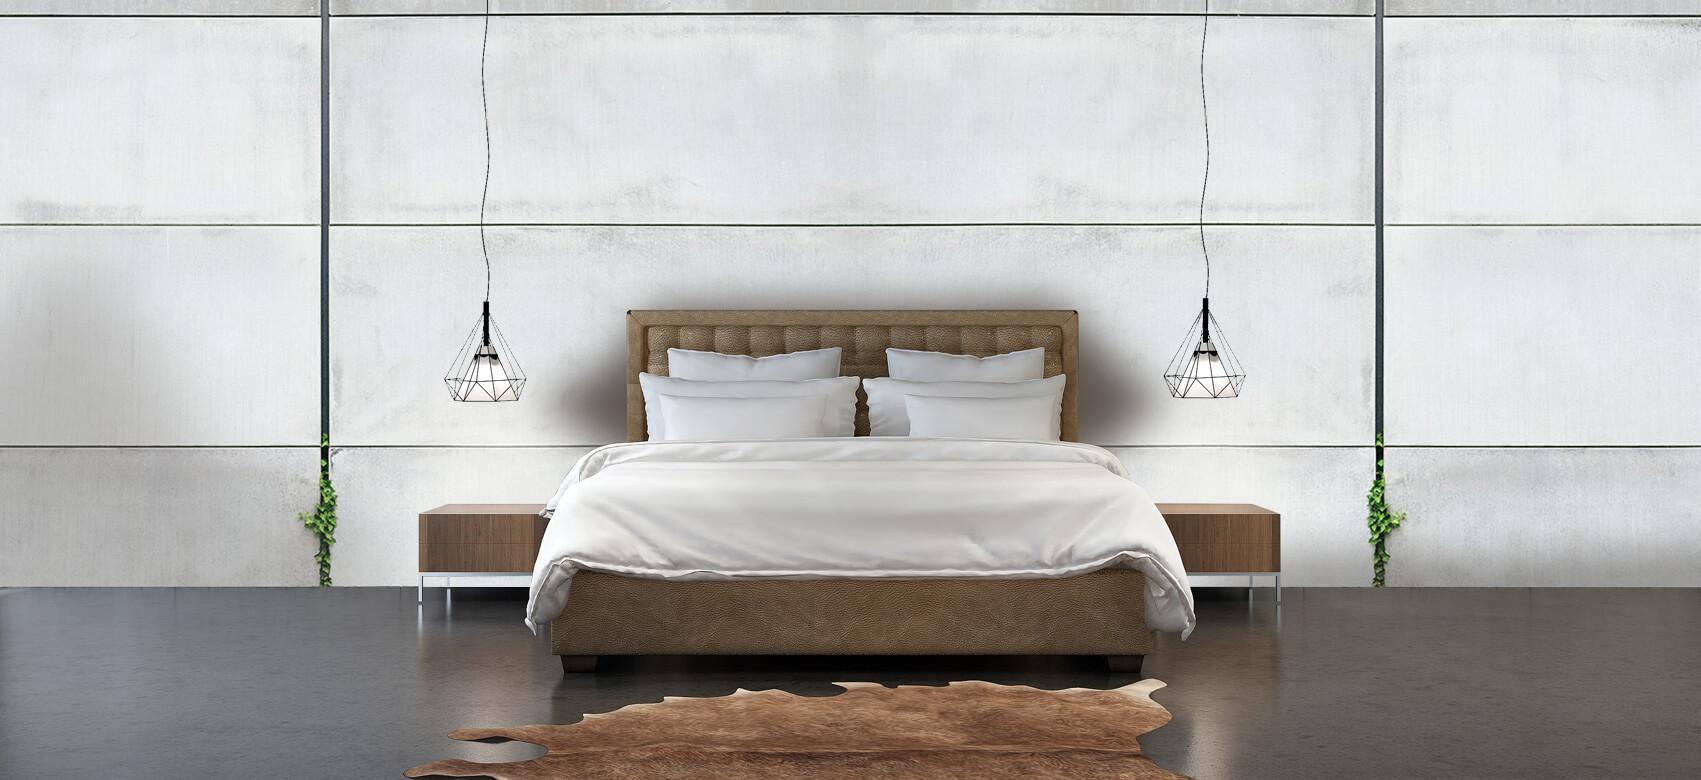 Betonlook behang - Panorama betonnen muur - Wallexclusive - Ontvangstruimte 3